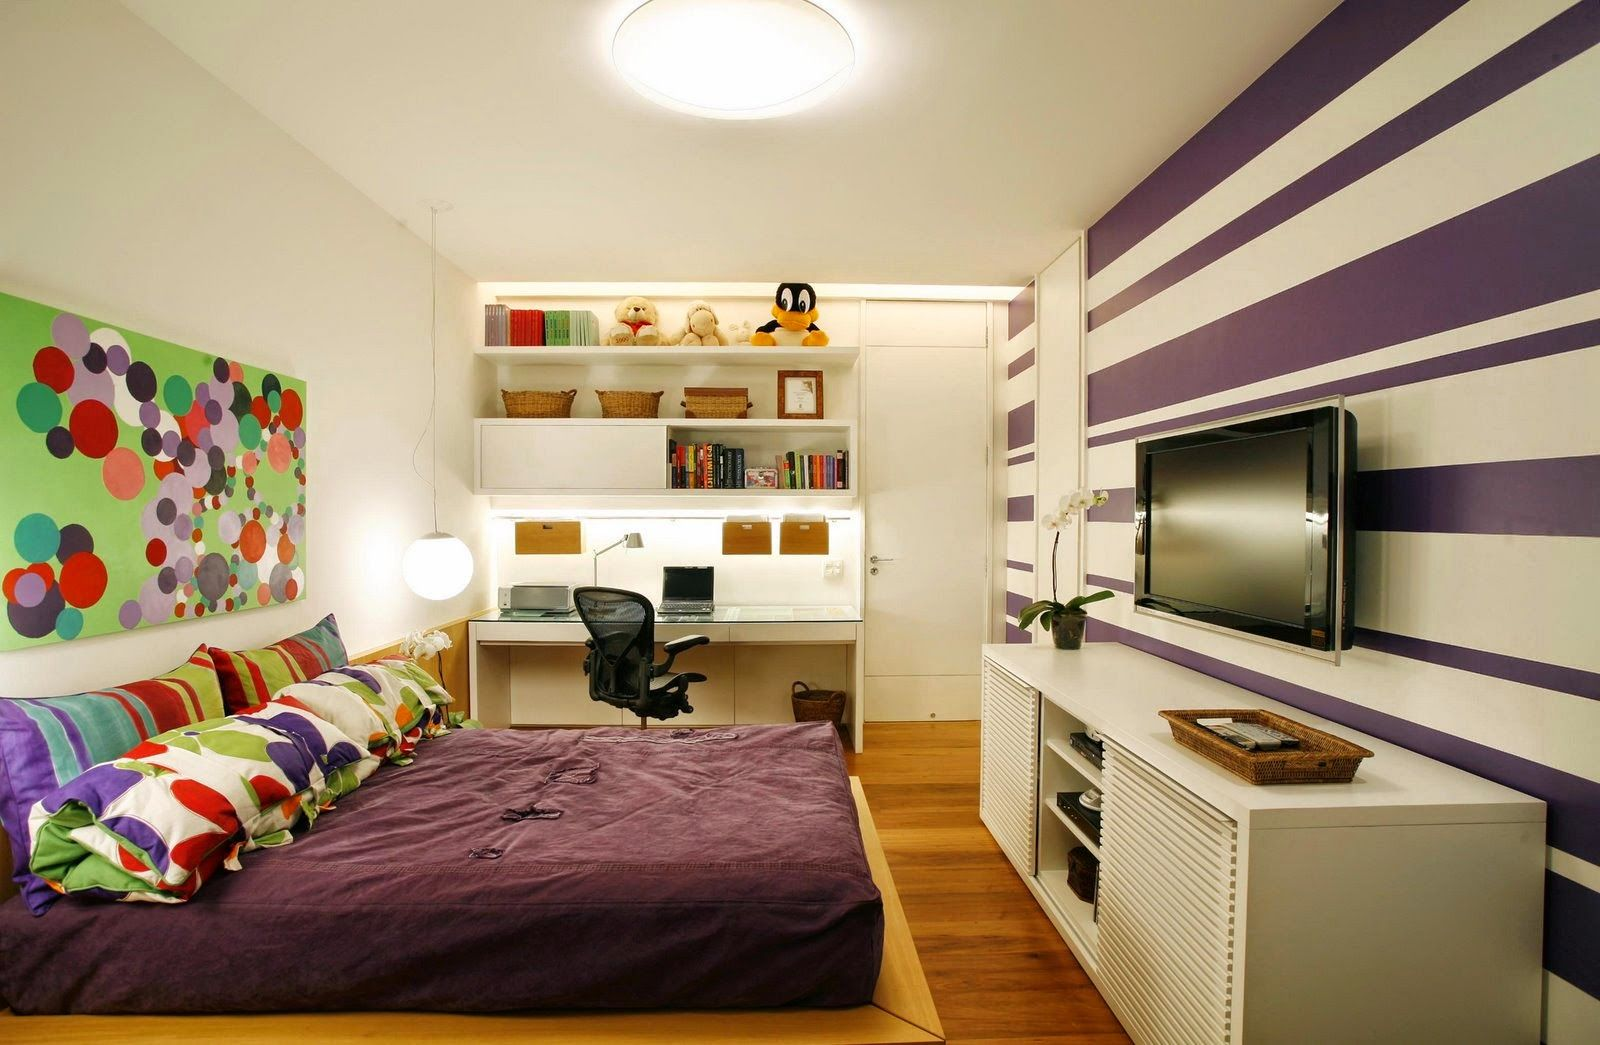 Dormitorios con escritorios funcionales para estudiantes - Decoracion para habitaciones ...